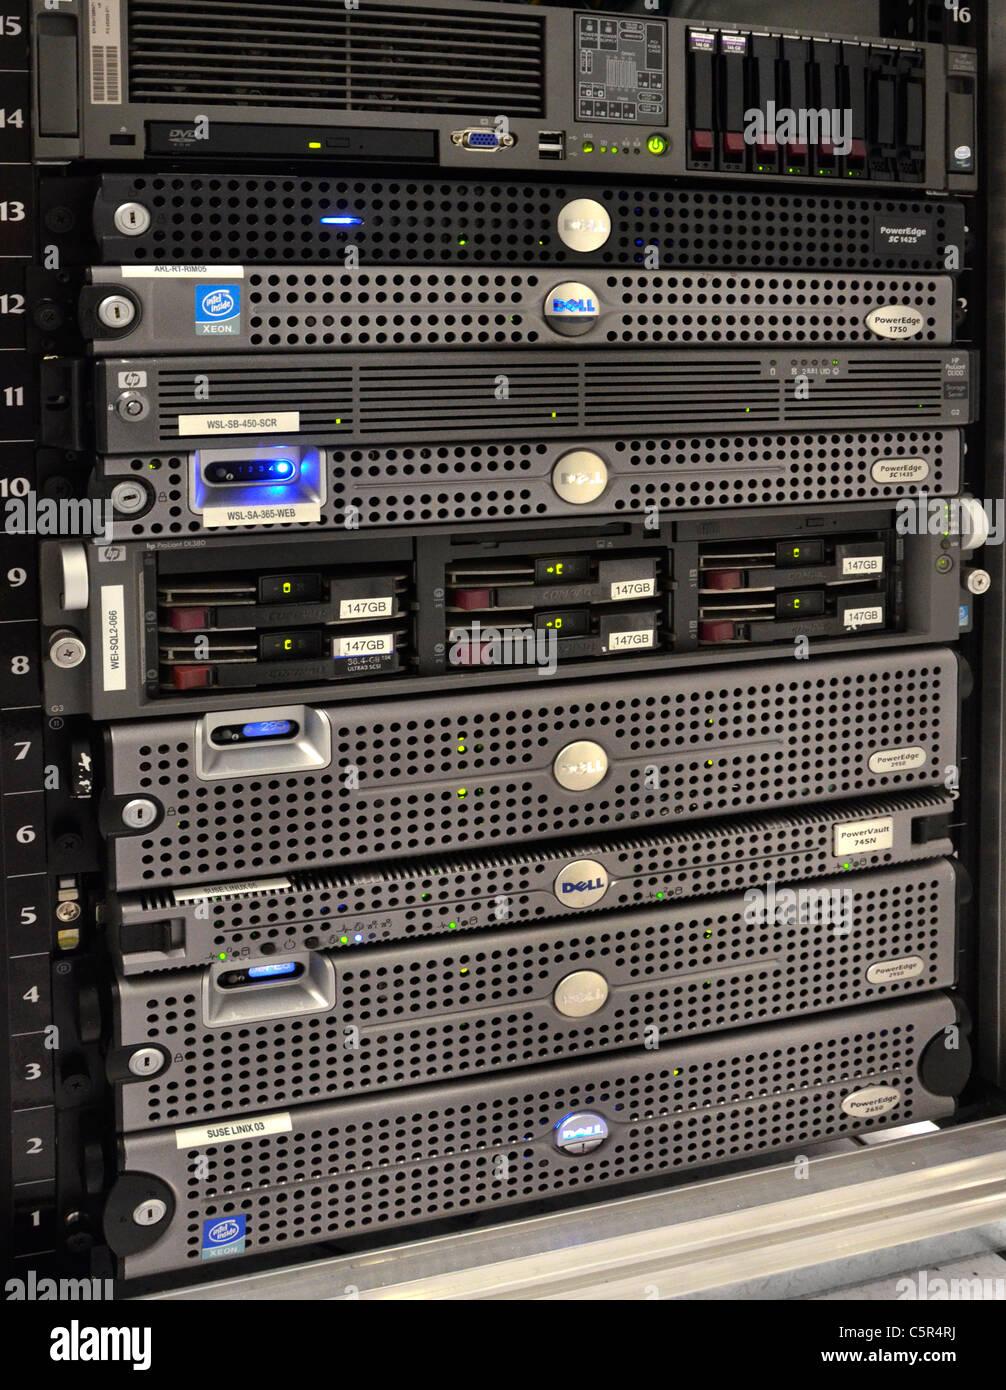 HP Proliant und Dell Server zerbrach in Computer Raum Serverschränke ...